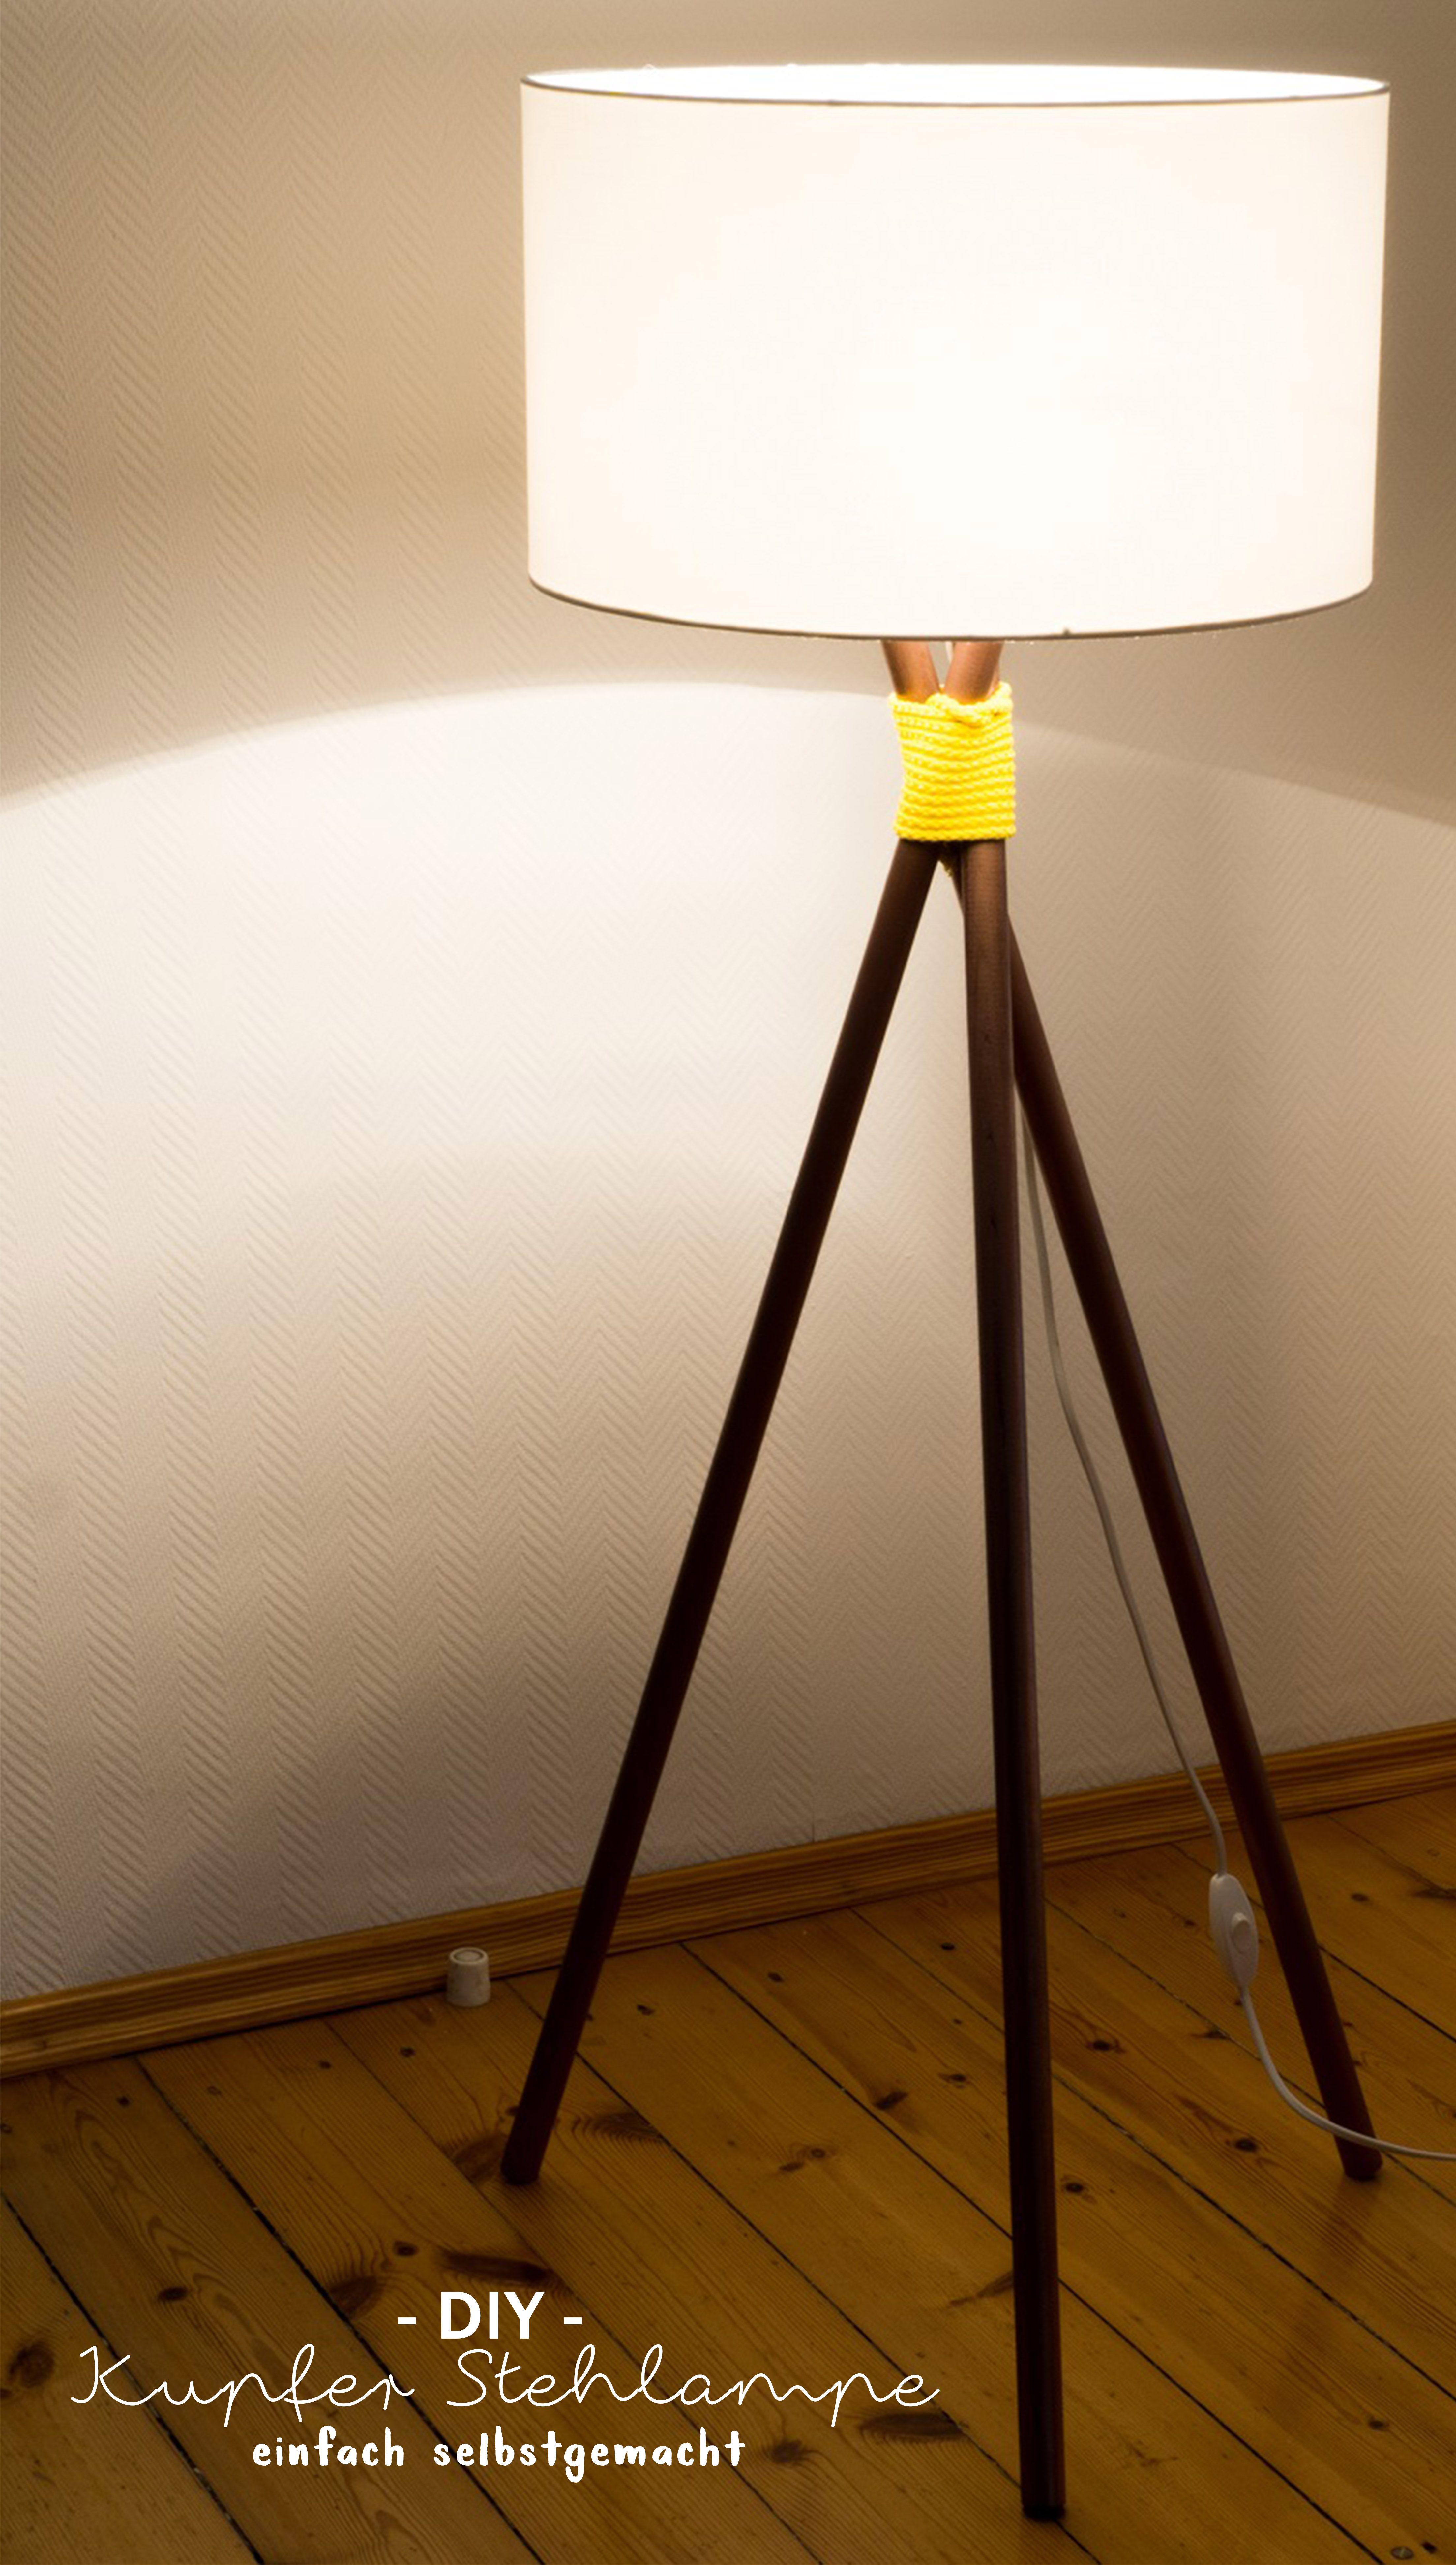 Kupfer Stehlampe Selber Bauen So Geht S Vernetzteuch Diy